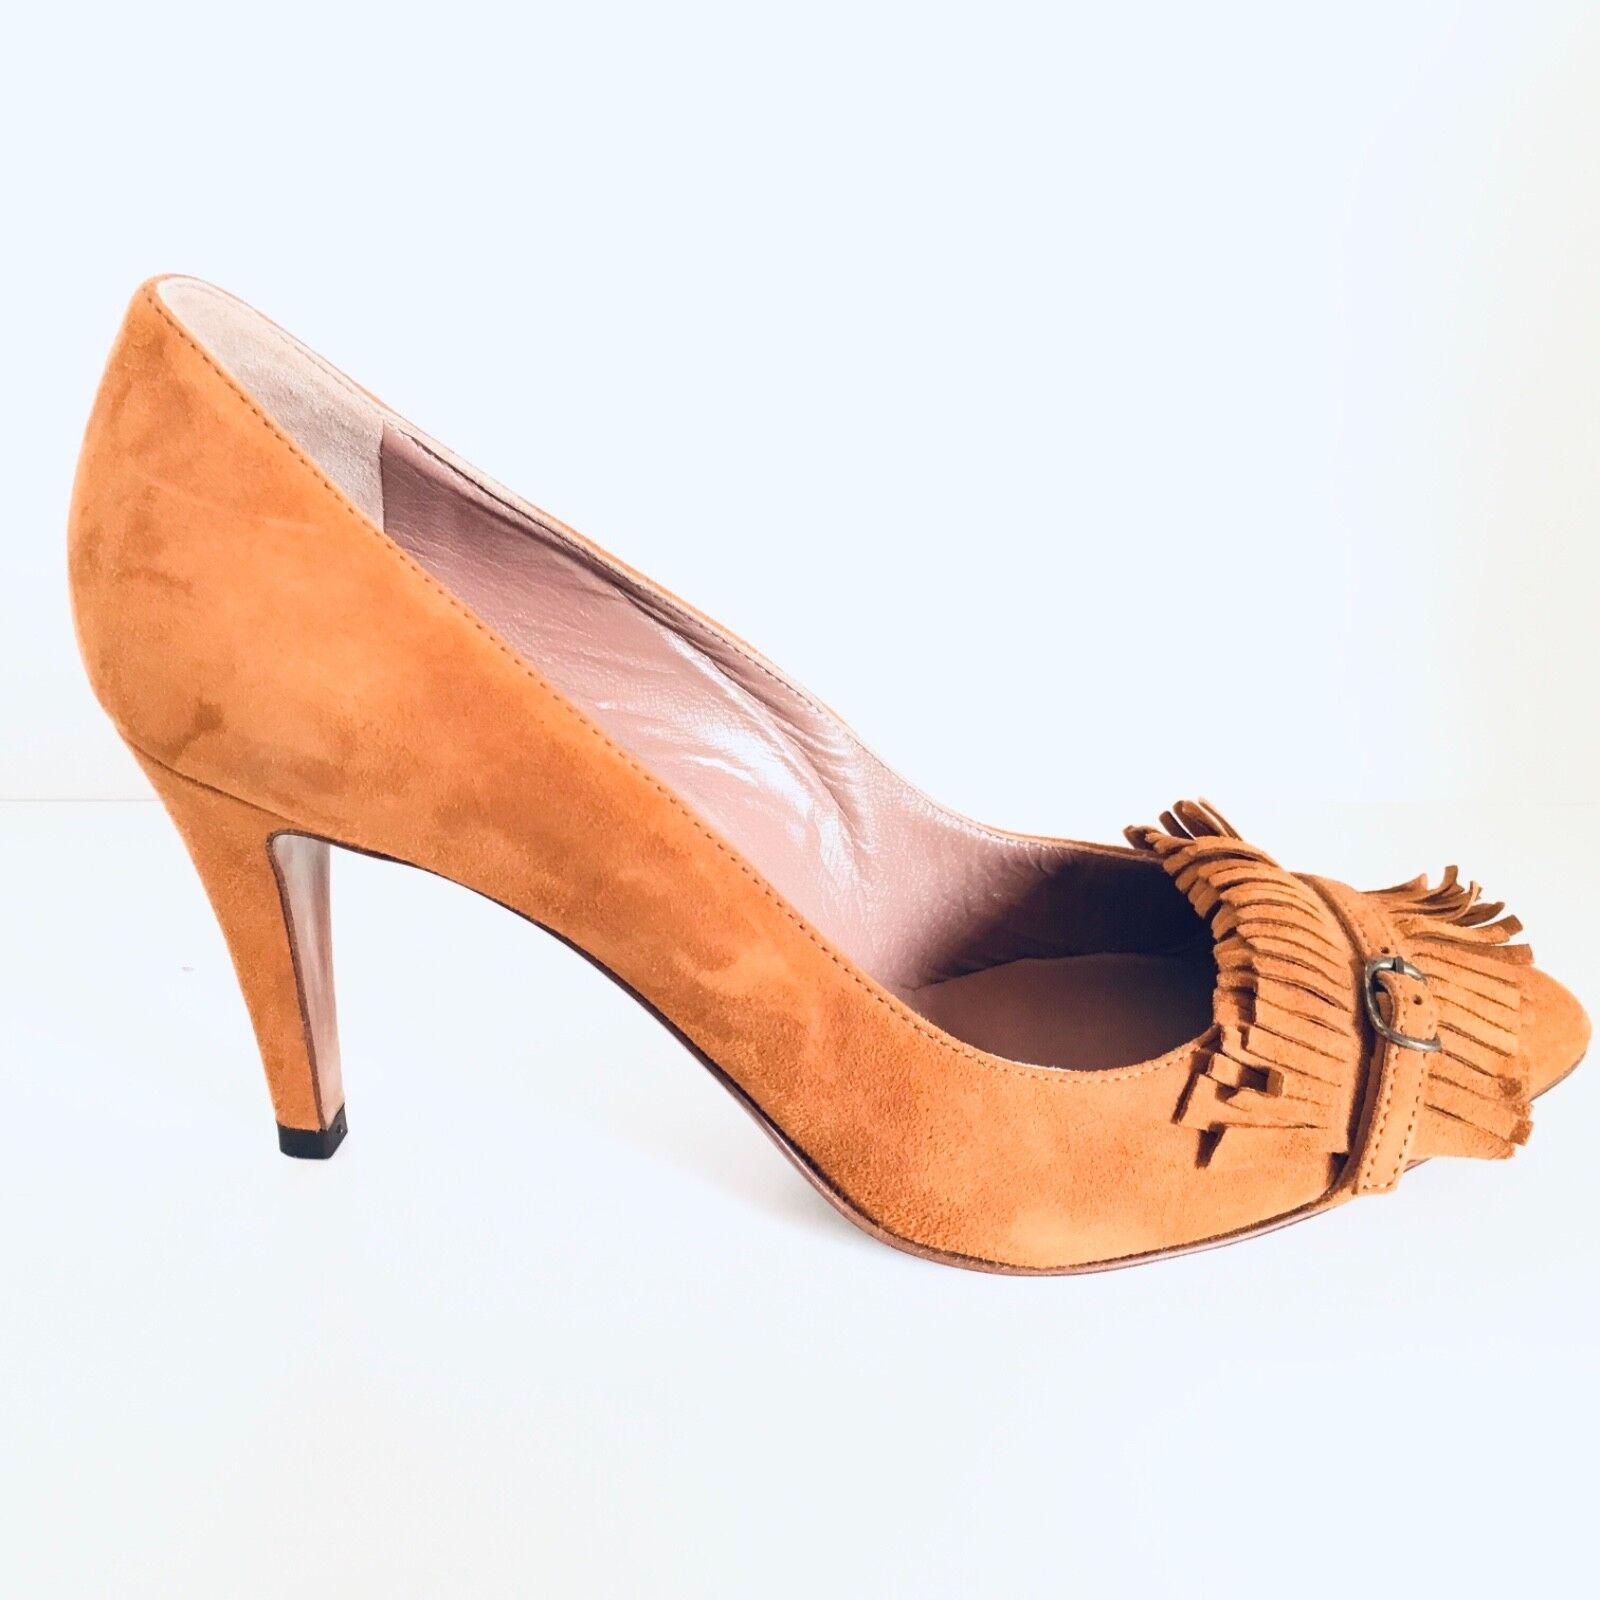 L'AUTRE CHOSE scarpe Scarpe n. 41 donna woman LAUW51 marrone camoscio